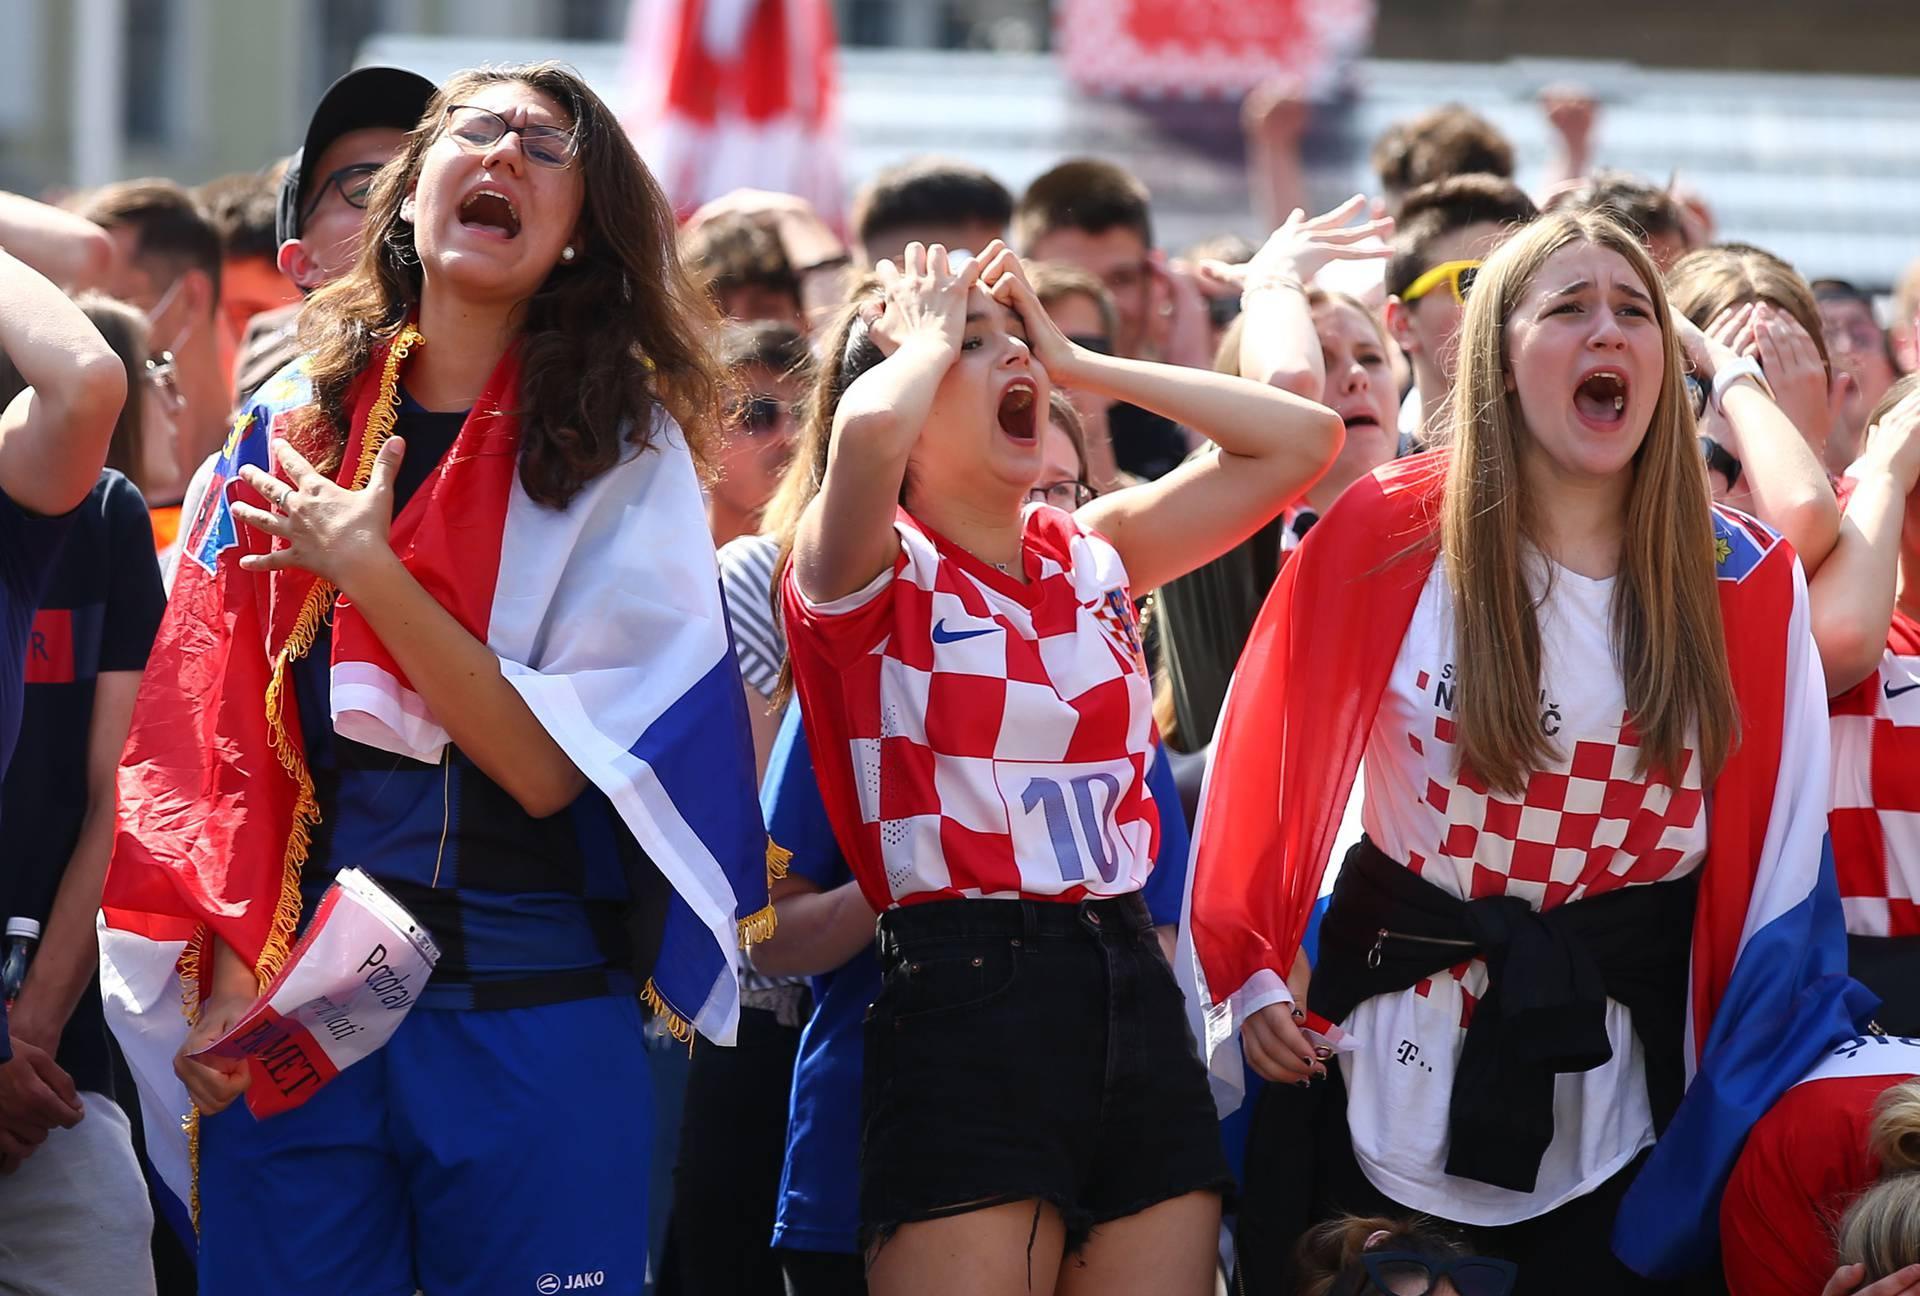 Euro 2020 - Fans in Croatia watch the Euro 2020 Group D match England v Croatia